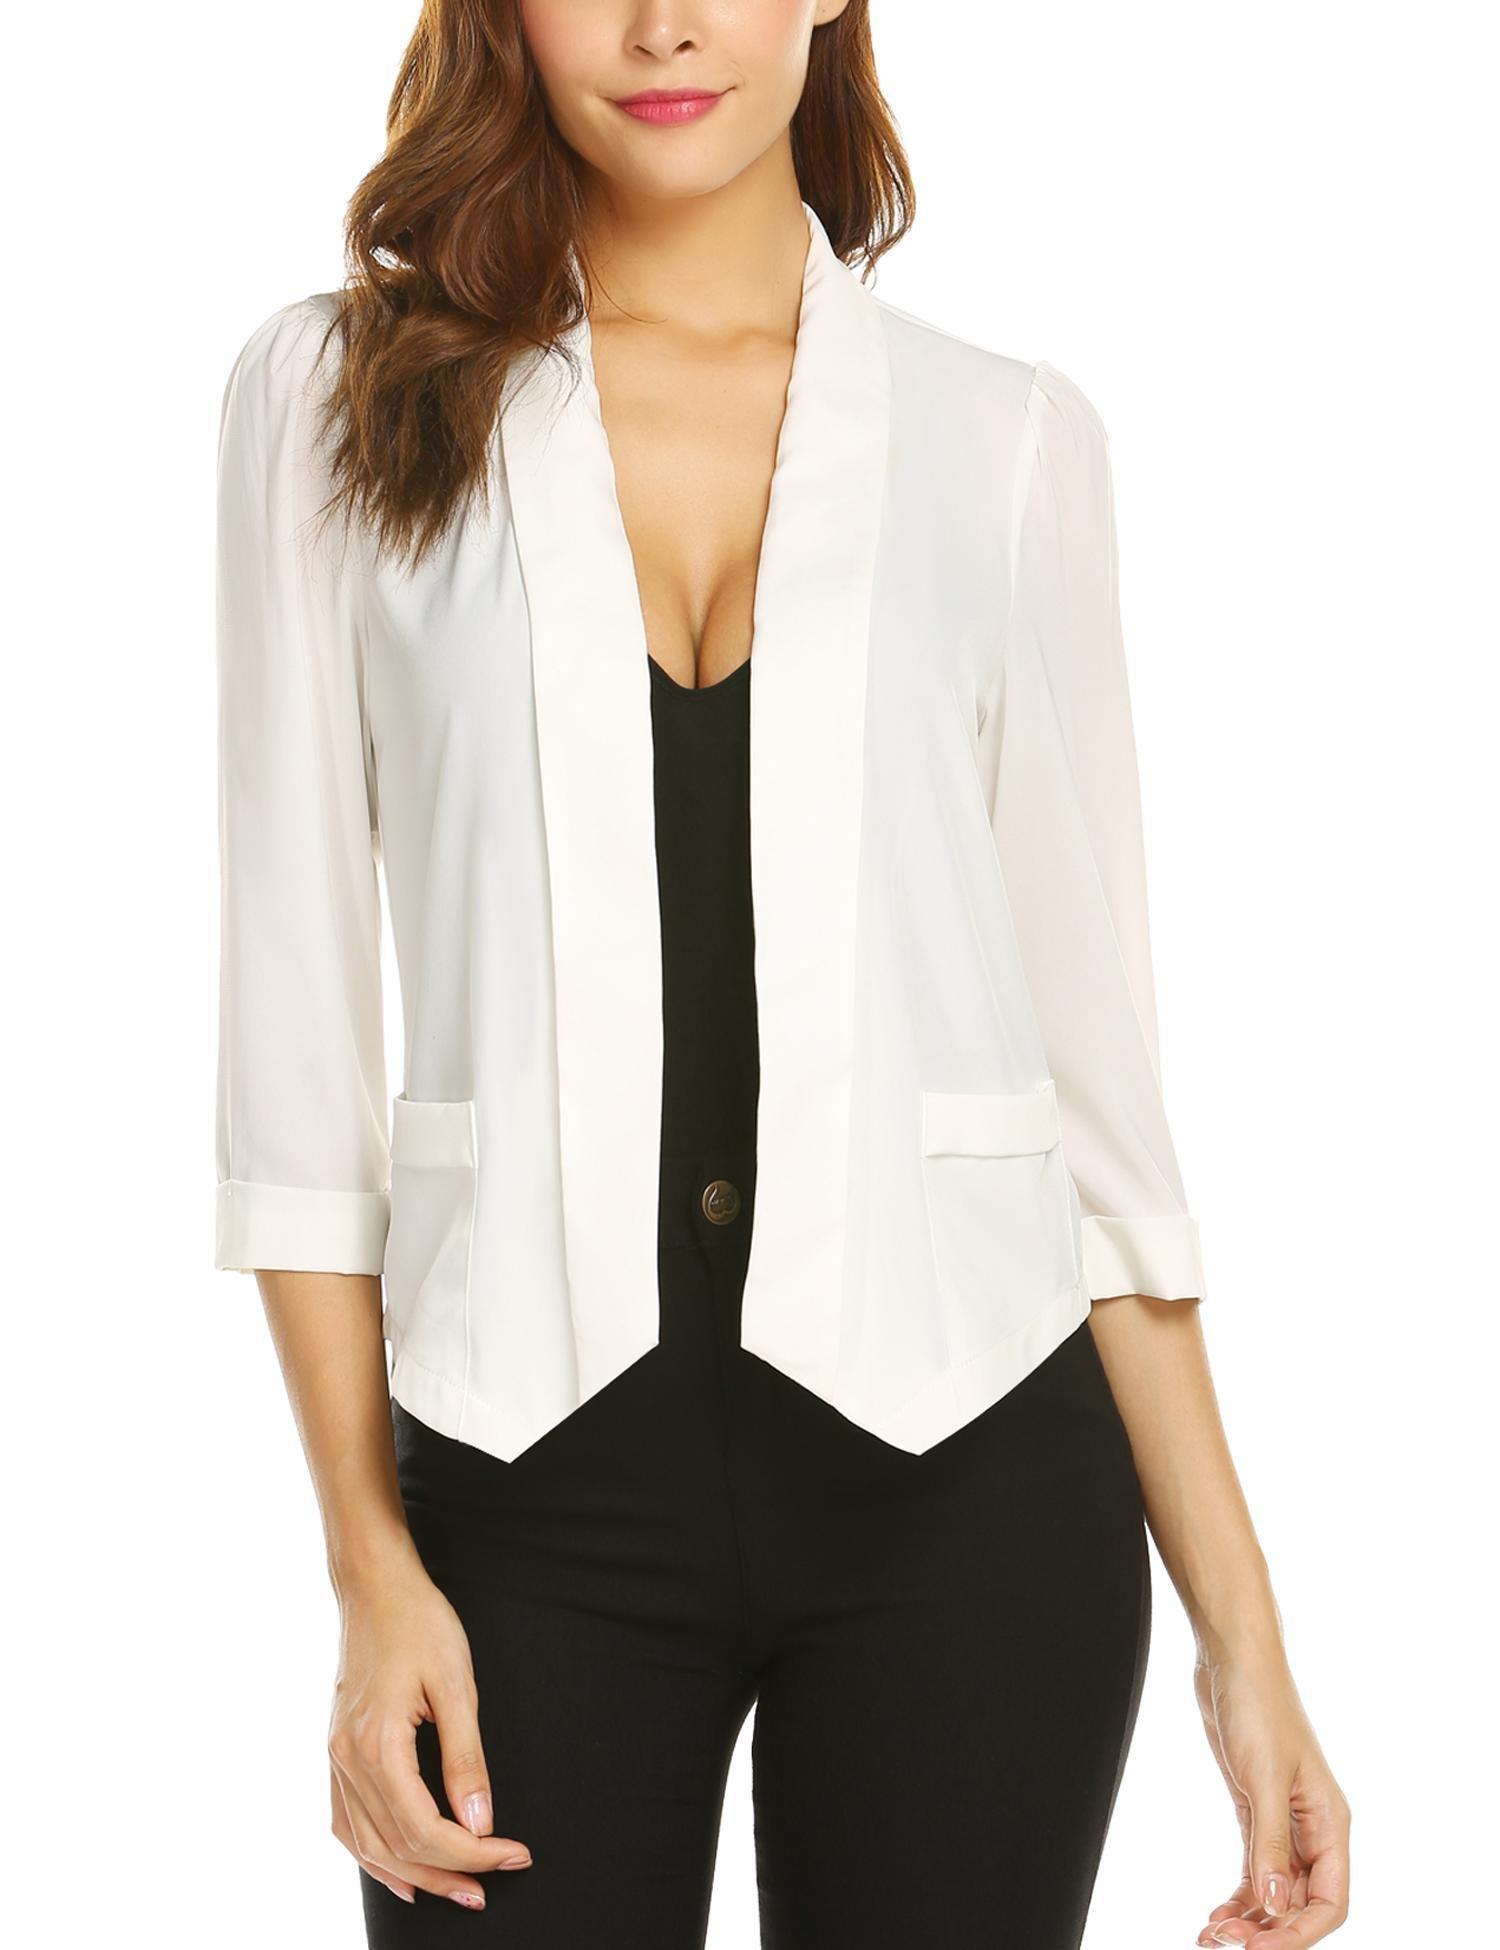 Dealwell Women 3/4 Sleeve Blazer Open Front Cardigan Jacket Work Office Blazer by Dealwell